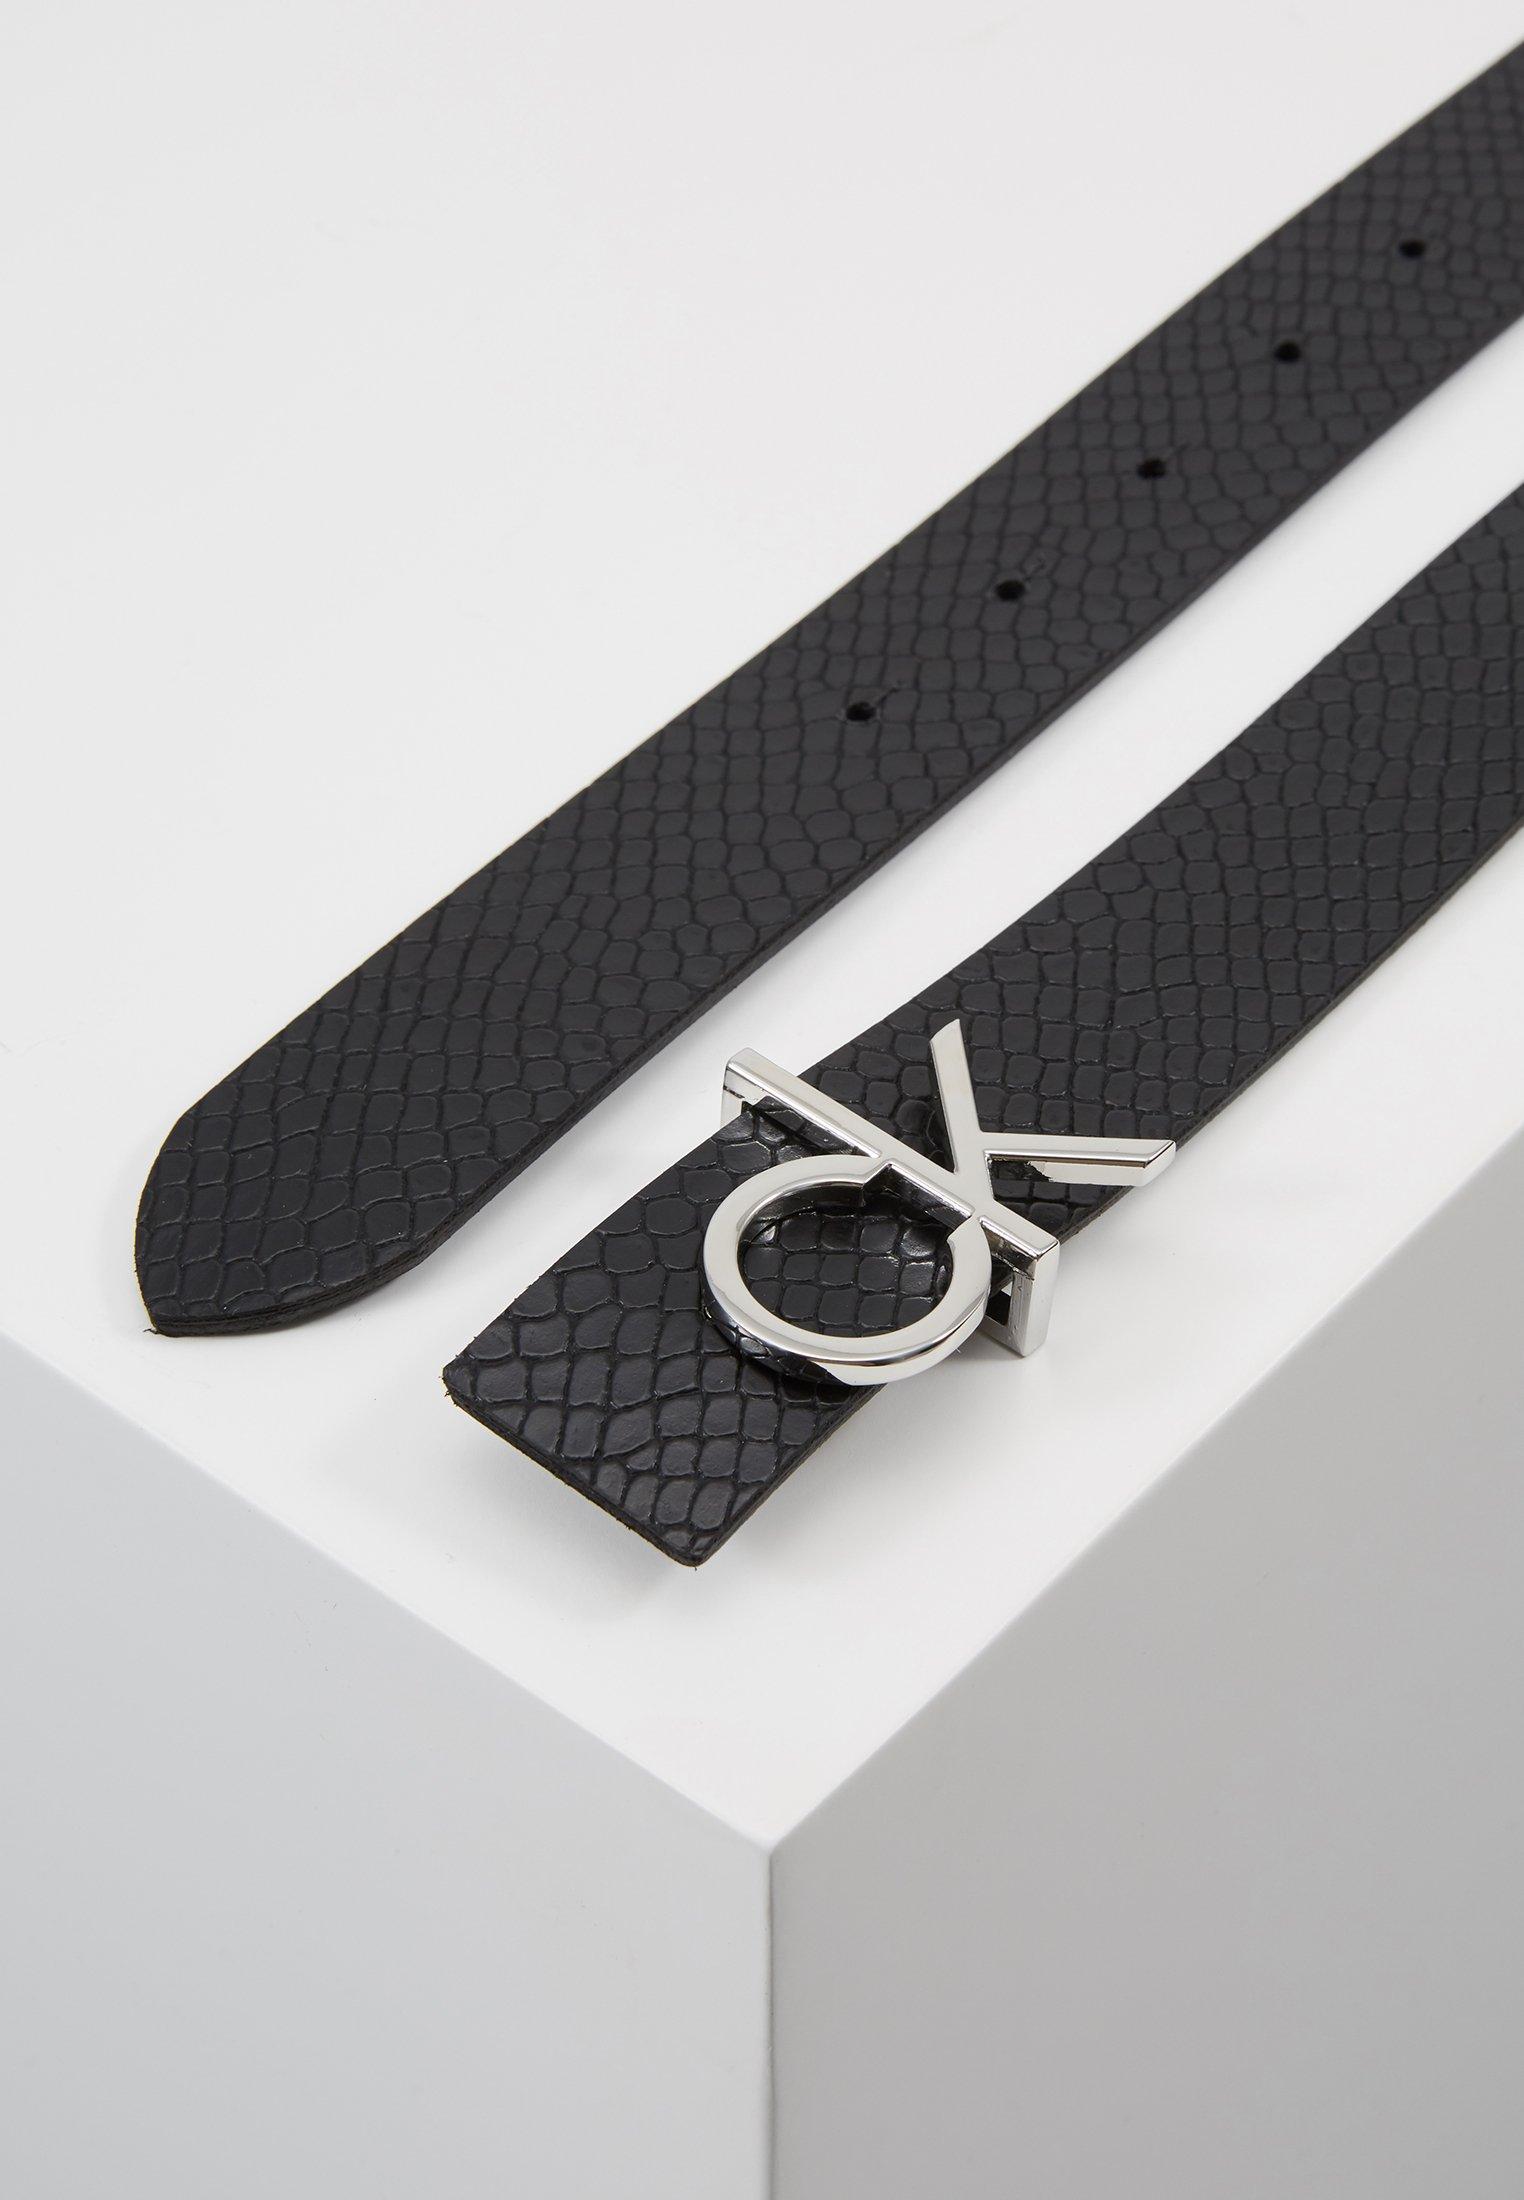 Prix réduit Meilleurs prix Calvin Klein LOW BELT GIFTPACK - Ceinture - black - ZALANDO.FR ruaoM